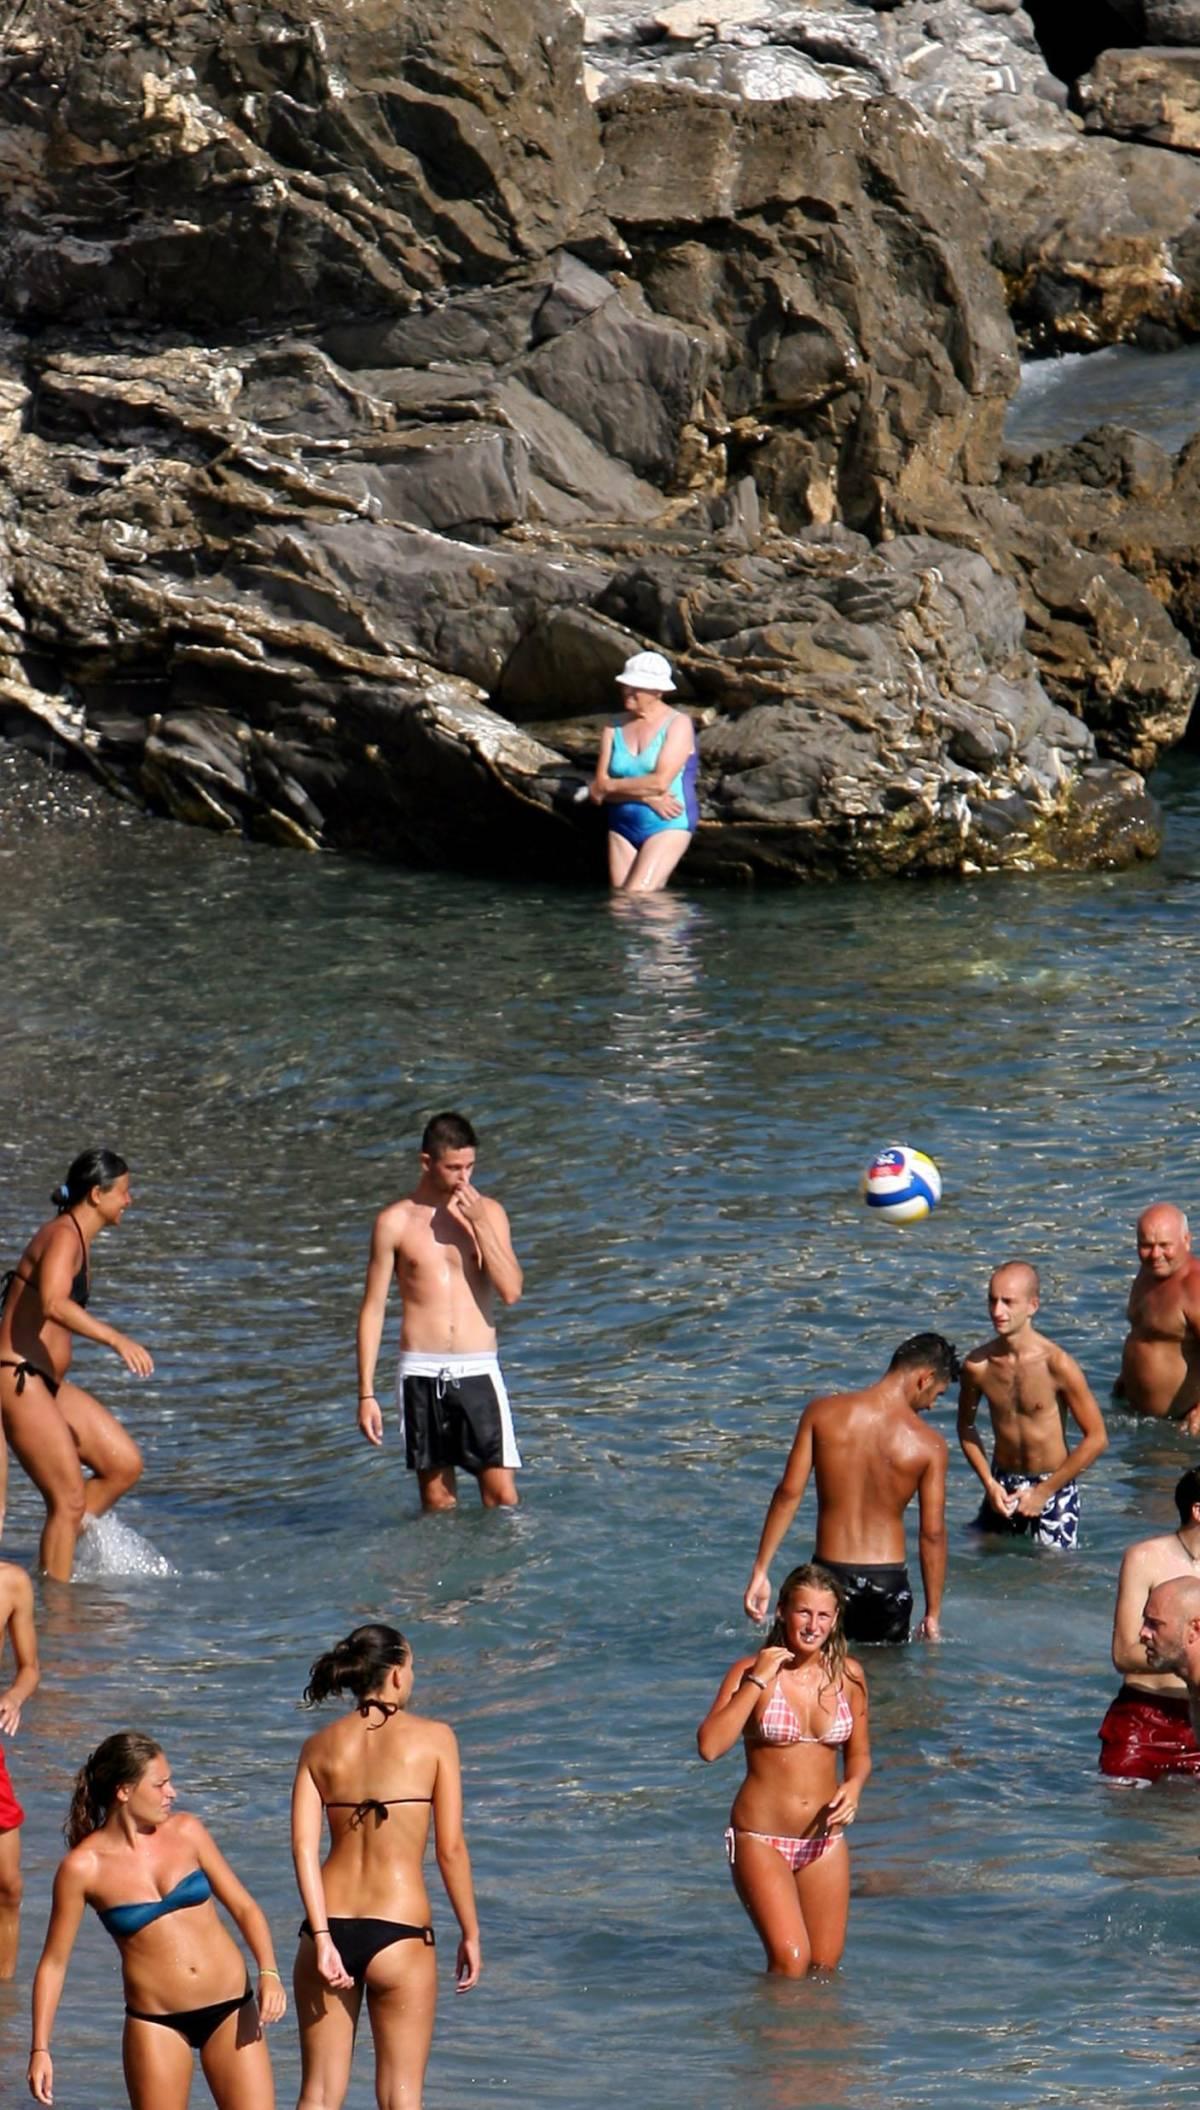 Il Municipio interviene per la spiaggia sporca